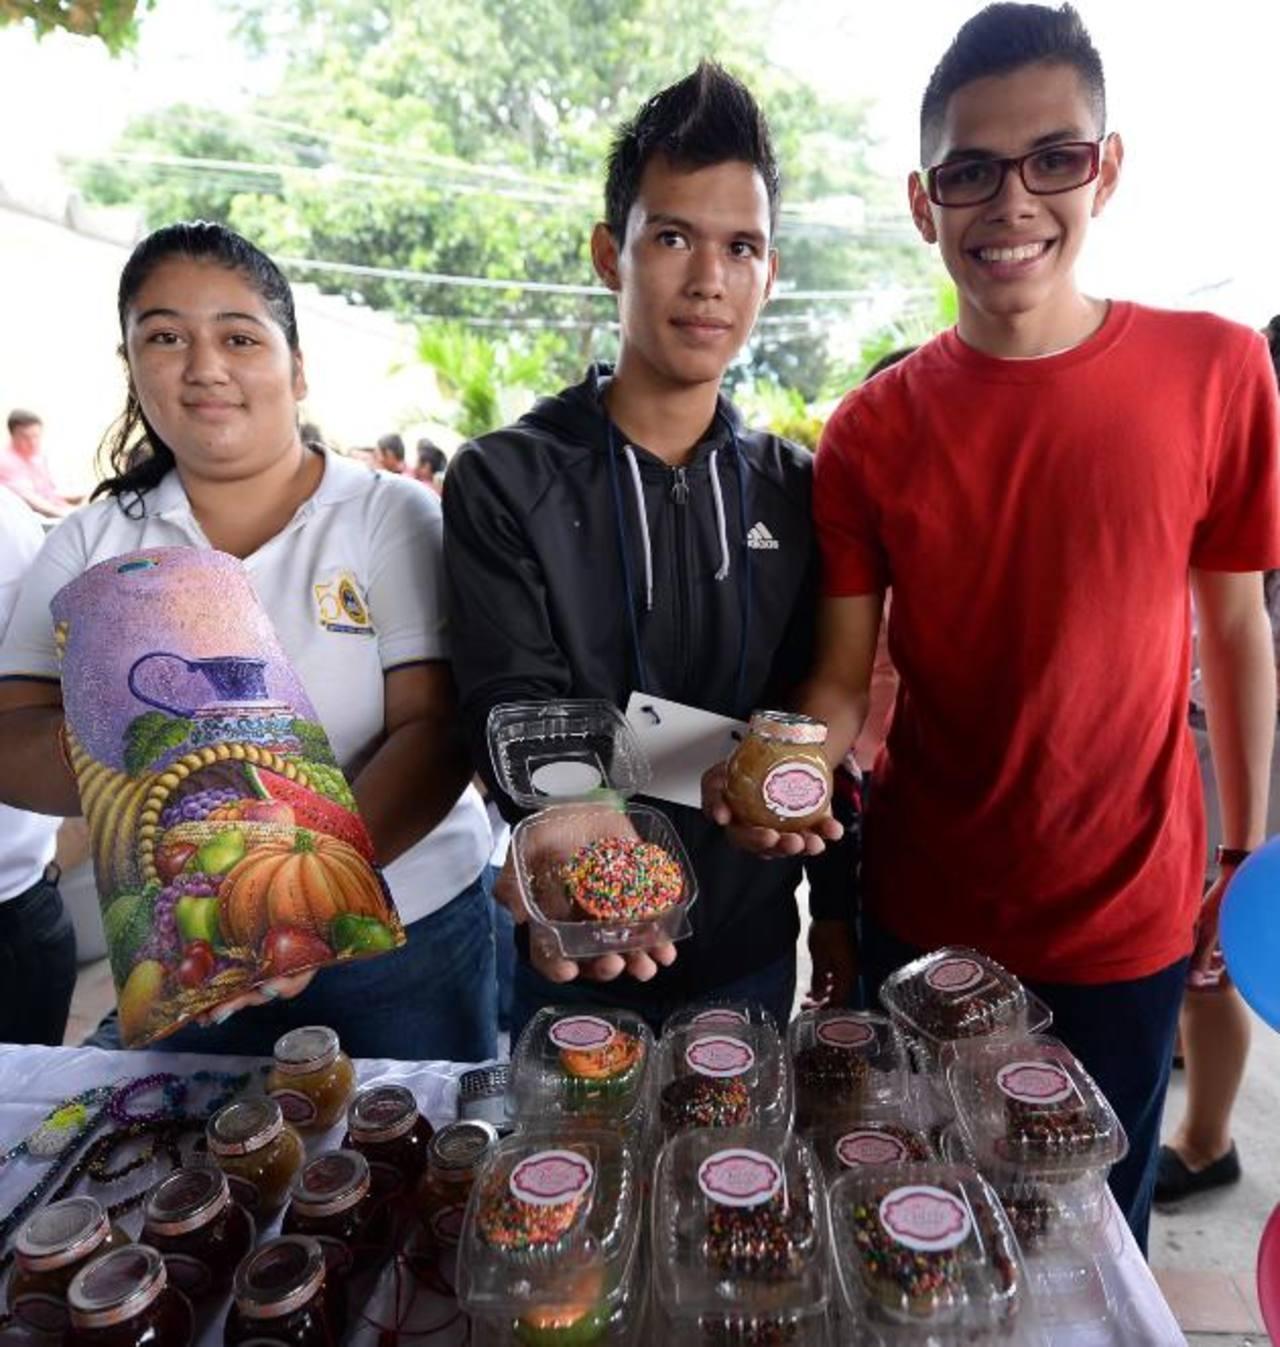 """Jénnifer, William y Mario, de 2° año de bachillerato del Liceo Santa Ana, promocionaron su empresa """"Dulces Momentos""""."""